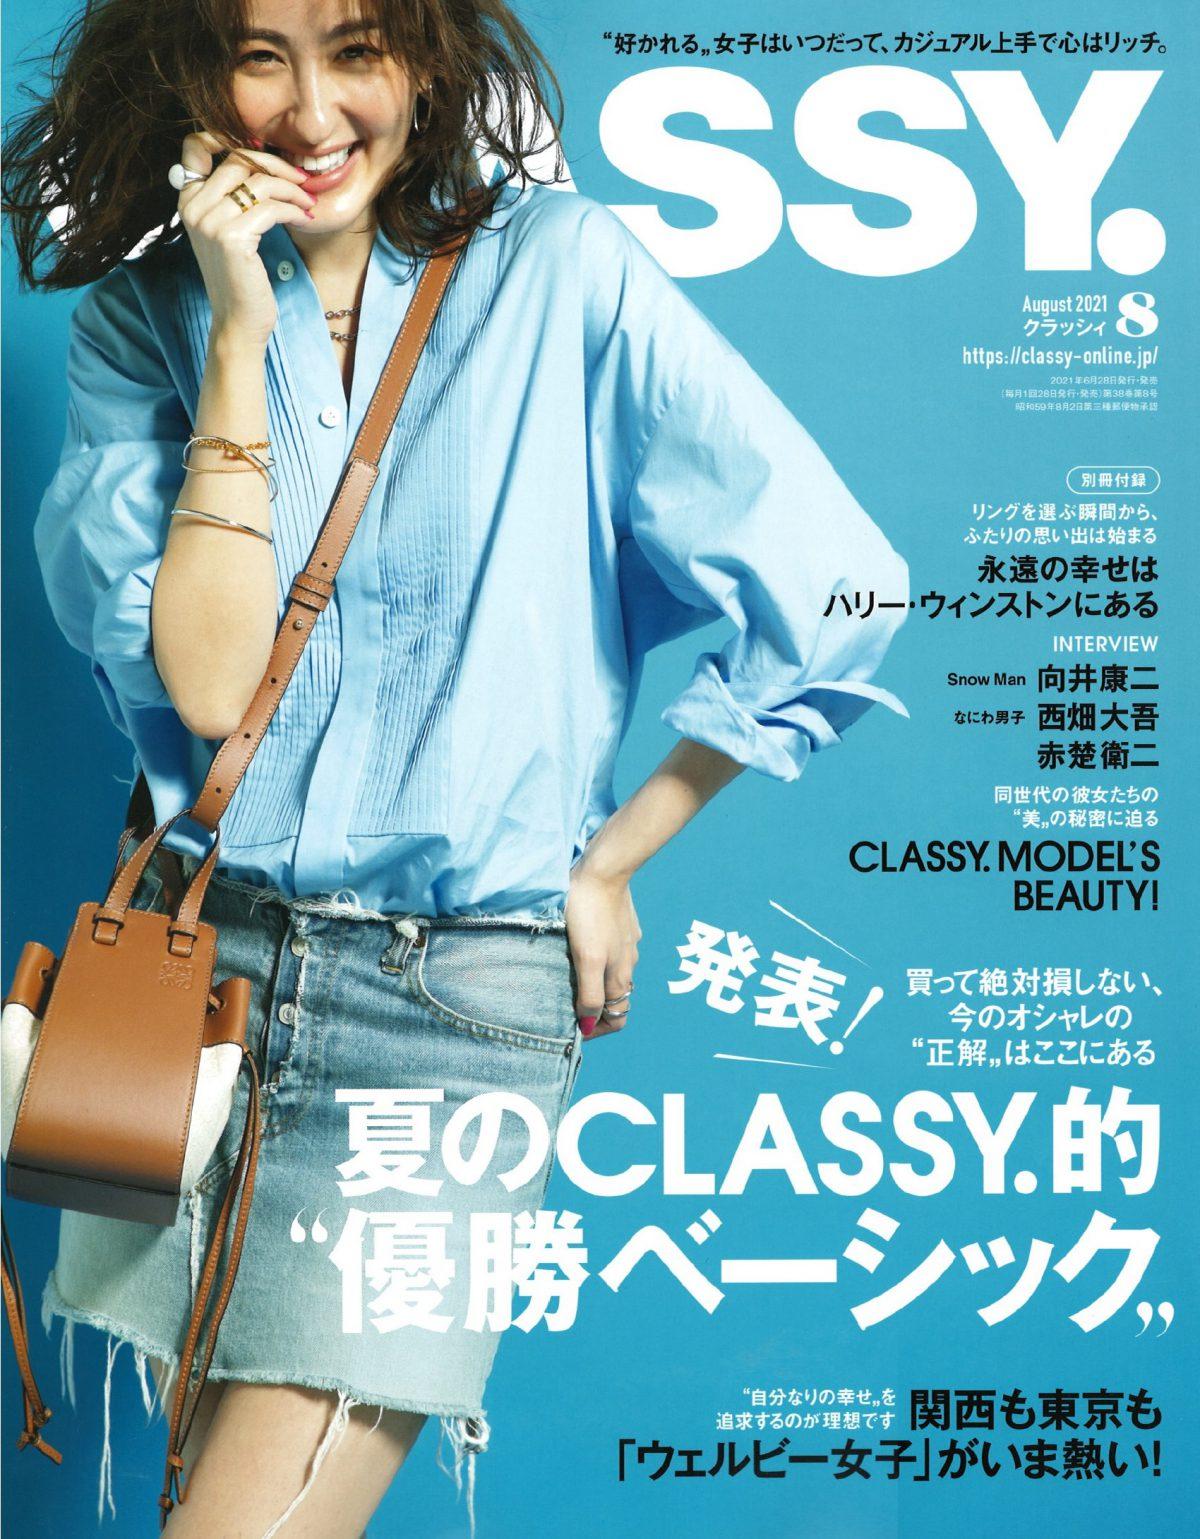 【ClLASSY.(8月号)にご紹介されました!】